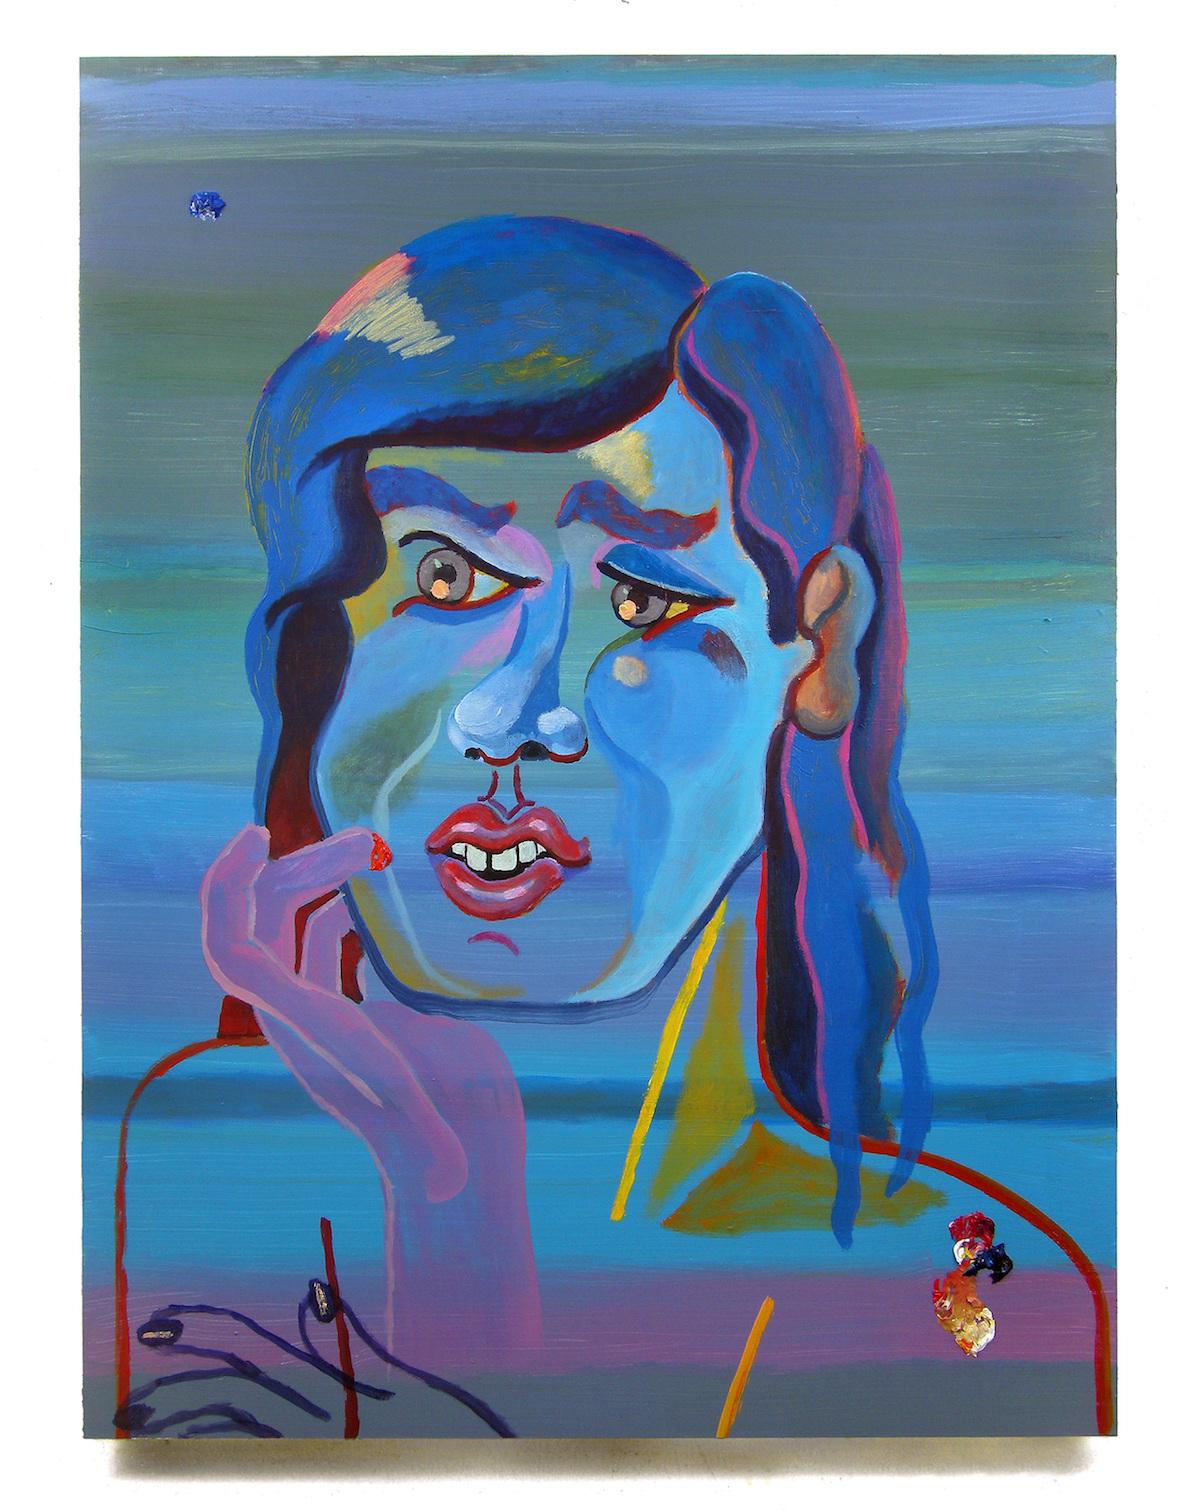 """Bruna Massadas, """"Parhydermus Dog Bridge"""", glazed ceramic, 14 x 2 x 15 in, 2013"""